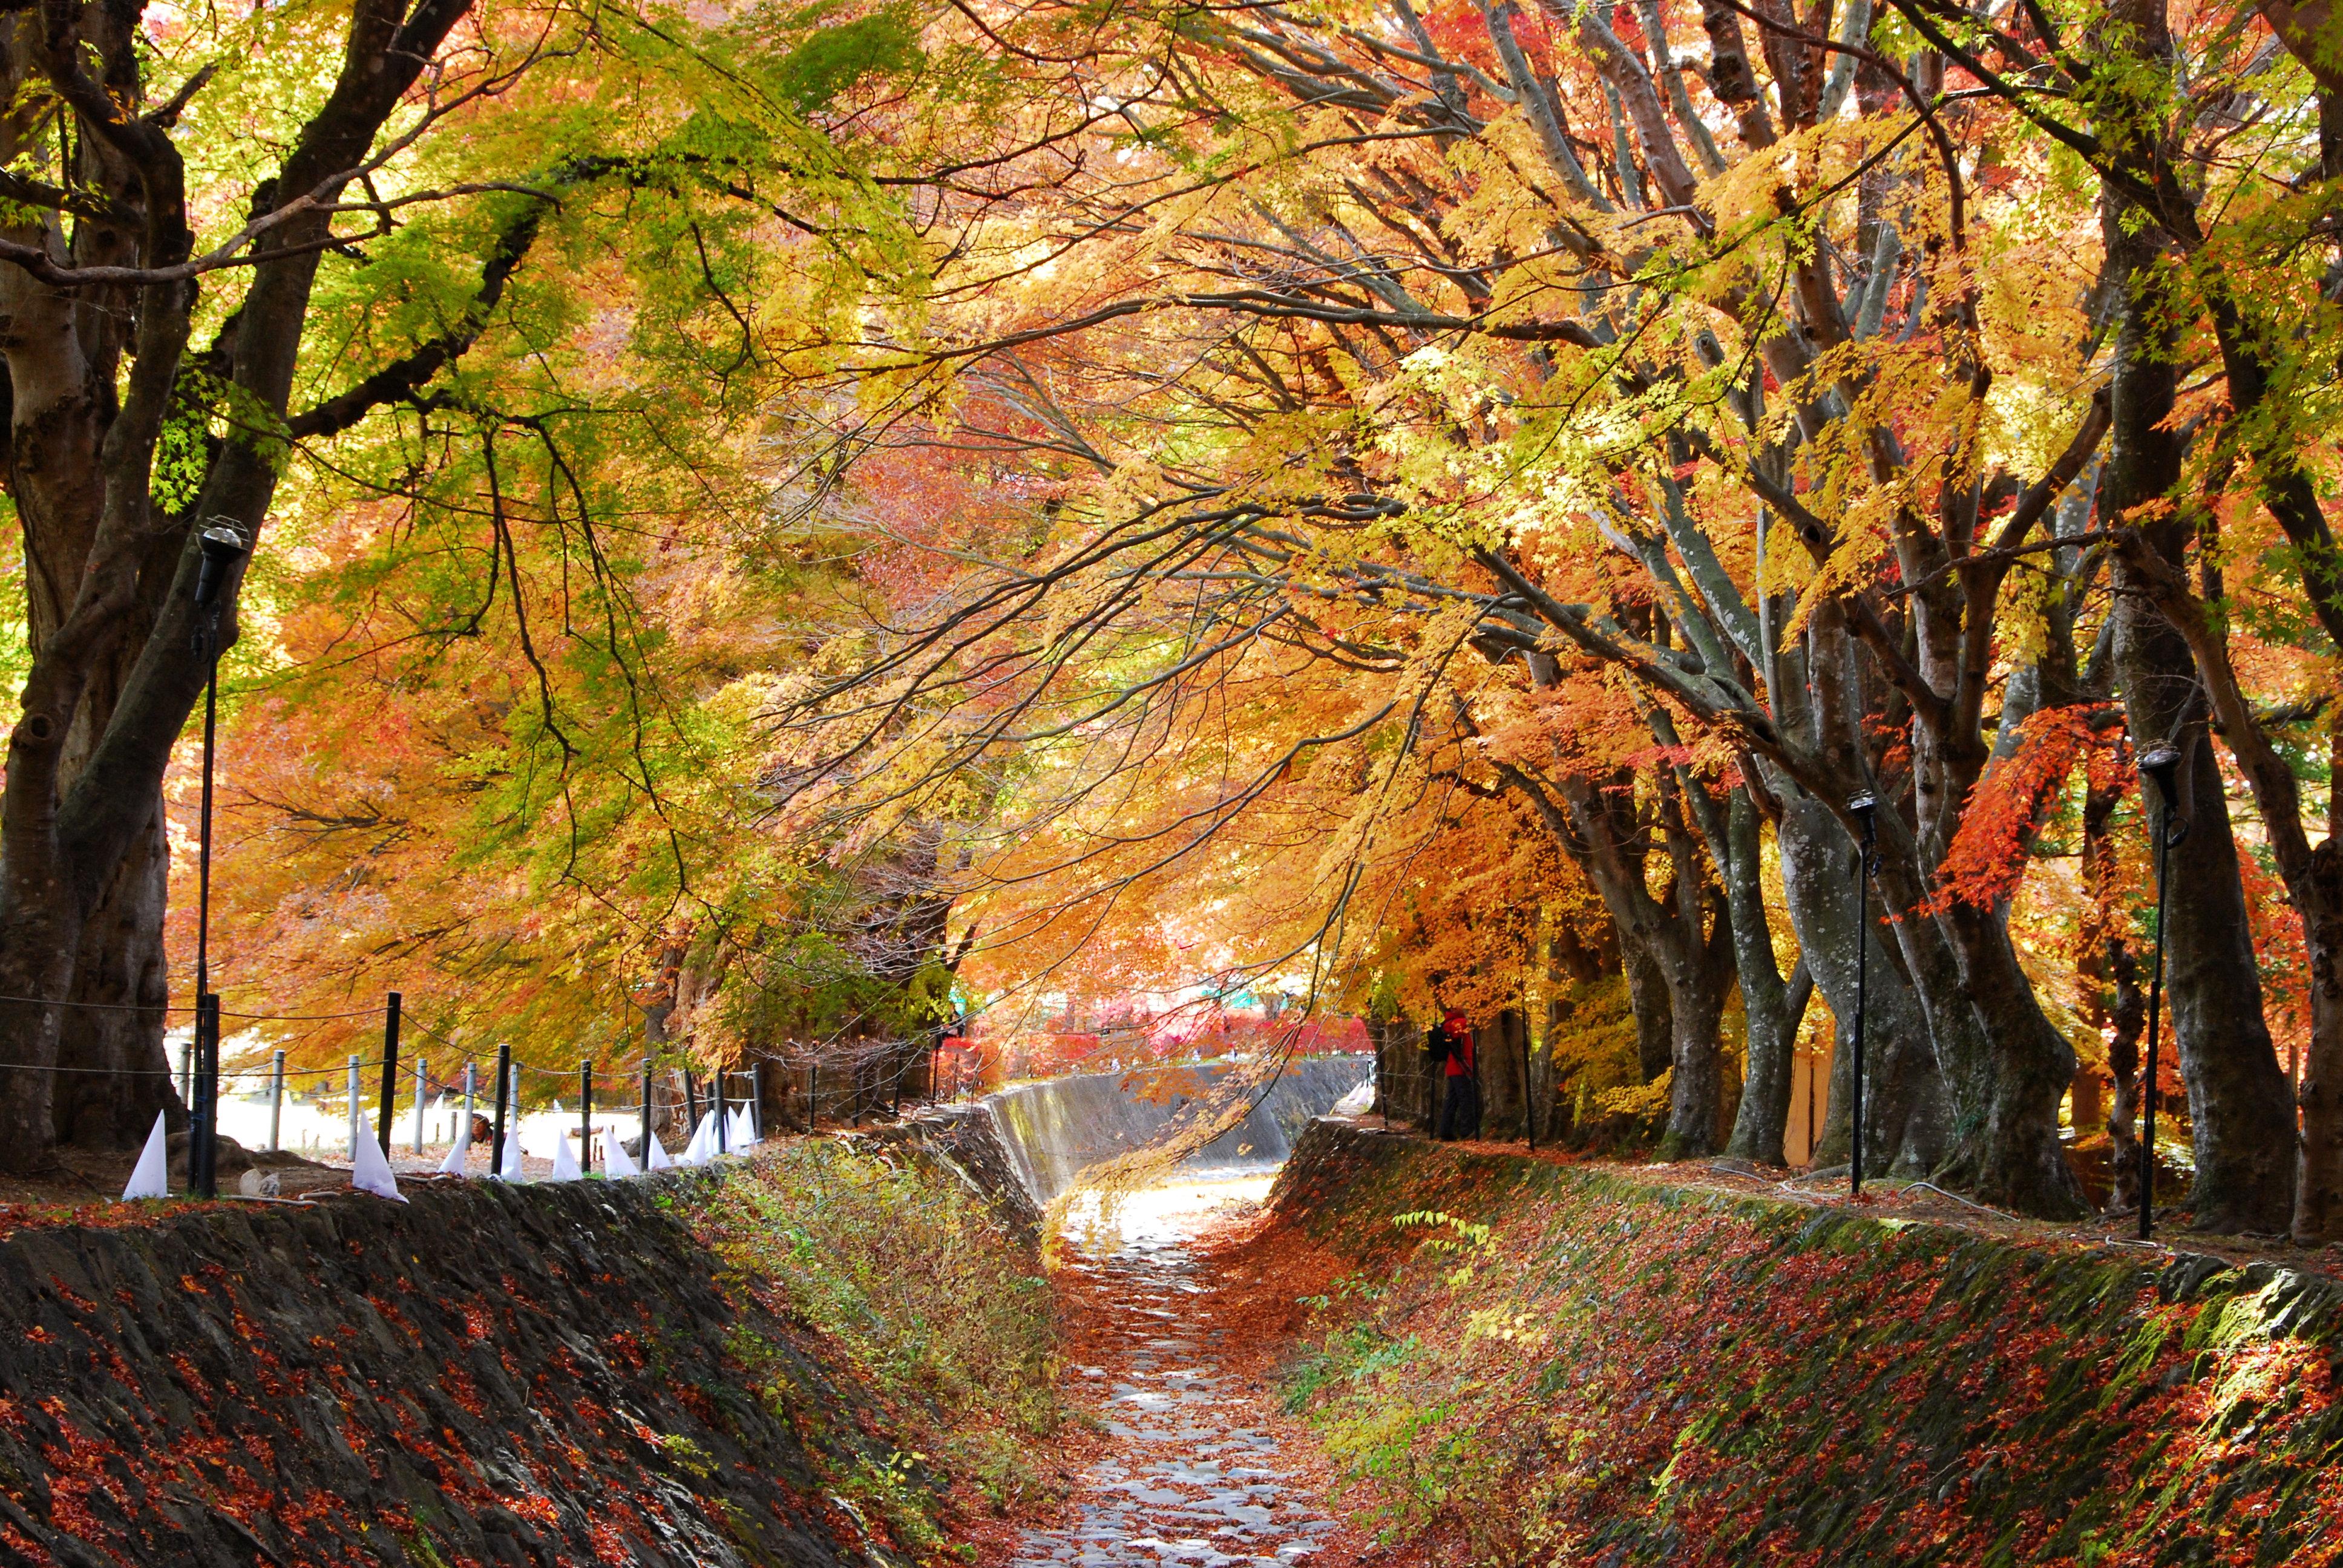 漫步在弯曲的小道上面,两边的枫树交错成荫,满地的落叶,五彩缤纷会让